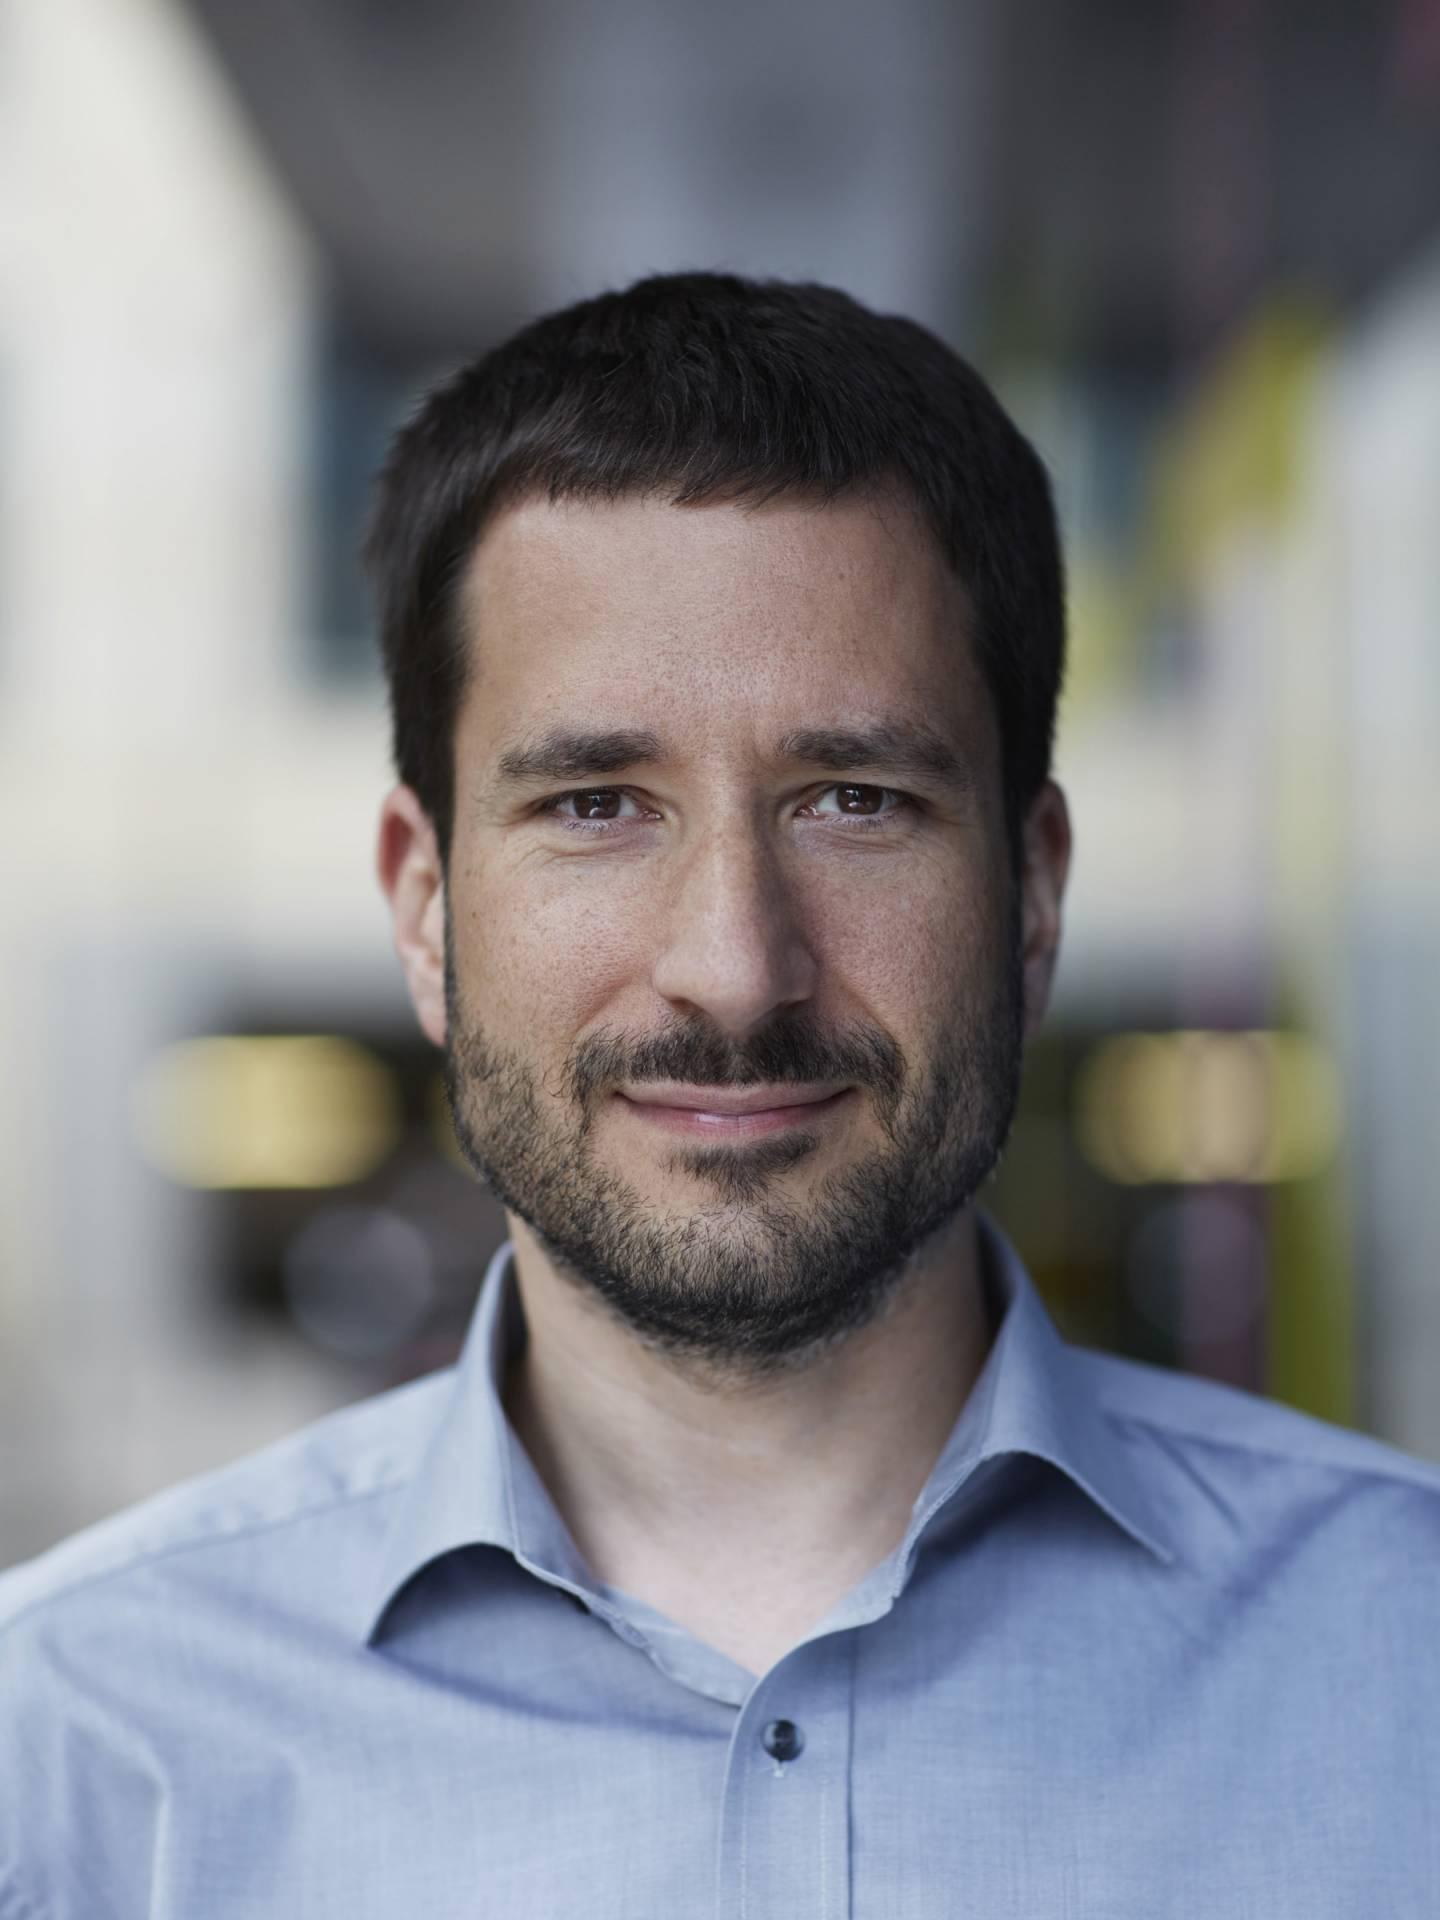 Autor Axel Schwab, blaues Hemd, Lächeln